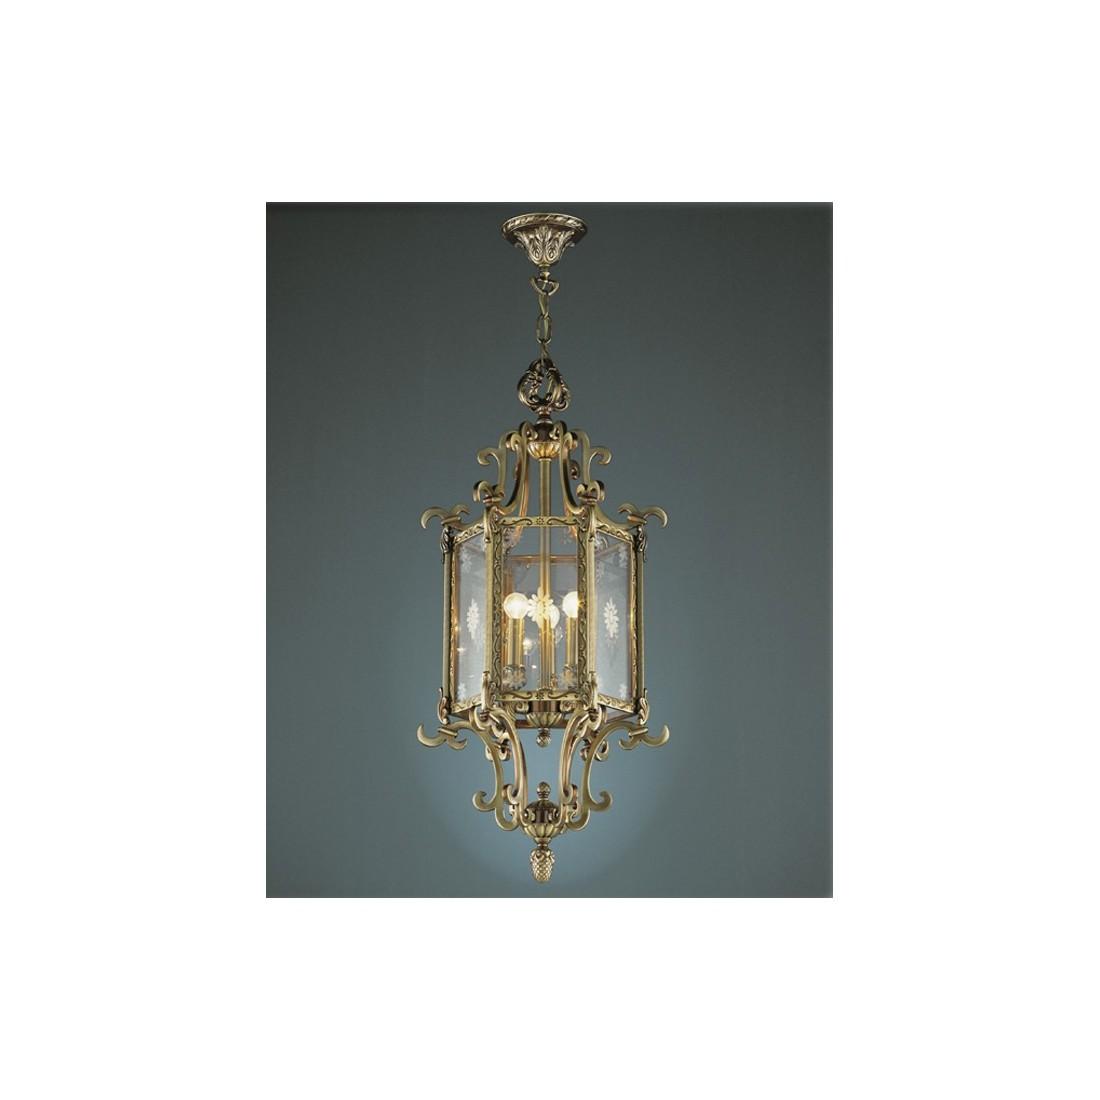 Semiplaf n tulipa de cristal pintada env o r pido - Iluminacion para techos bajos ...